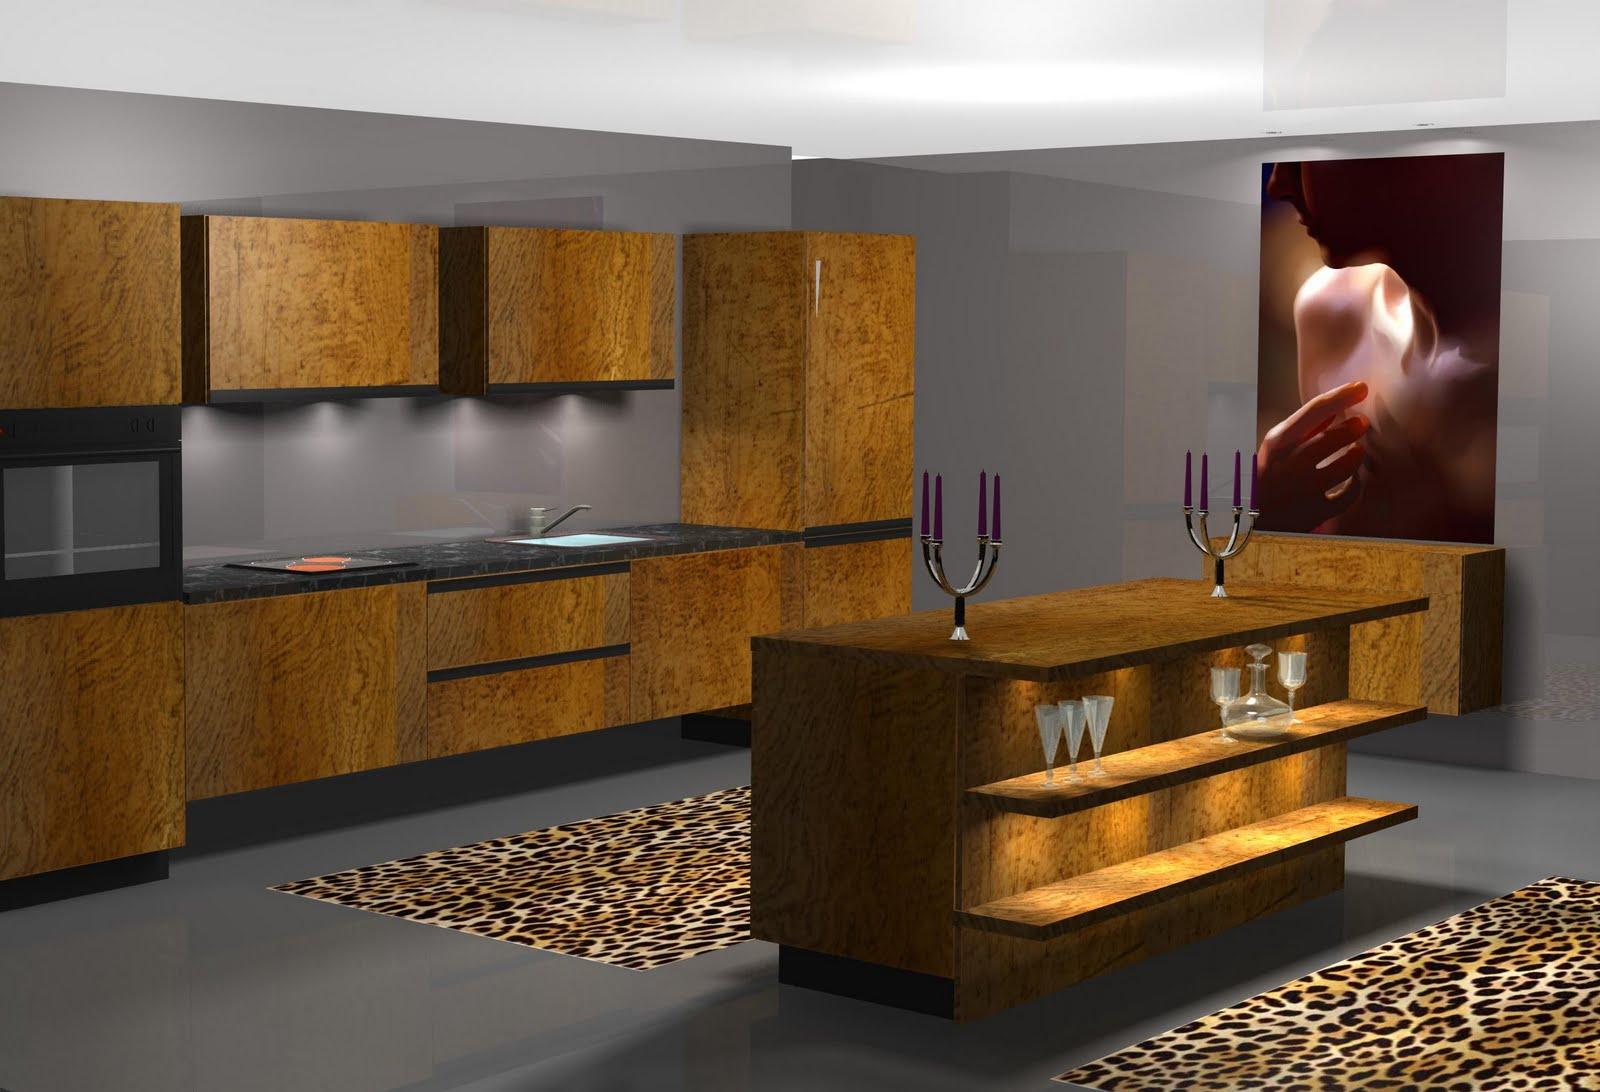 Dise o muebles de cocina dise o de cocina alto standing for Diseno muebles cocina